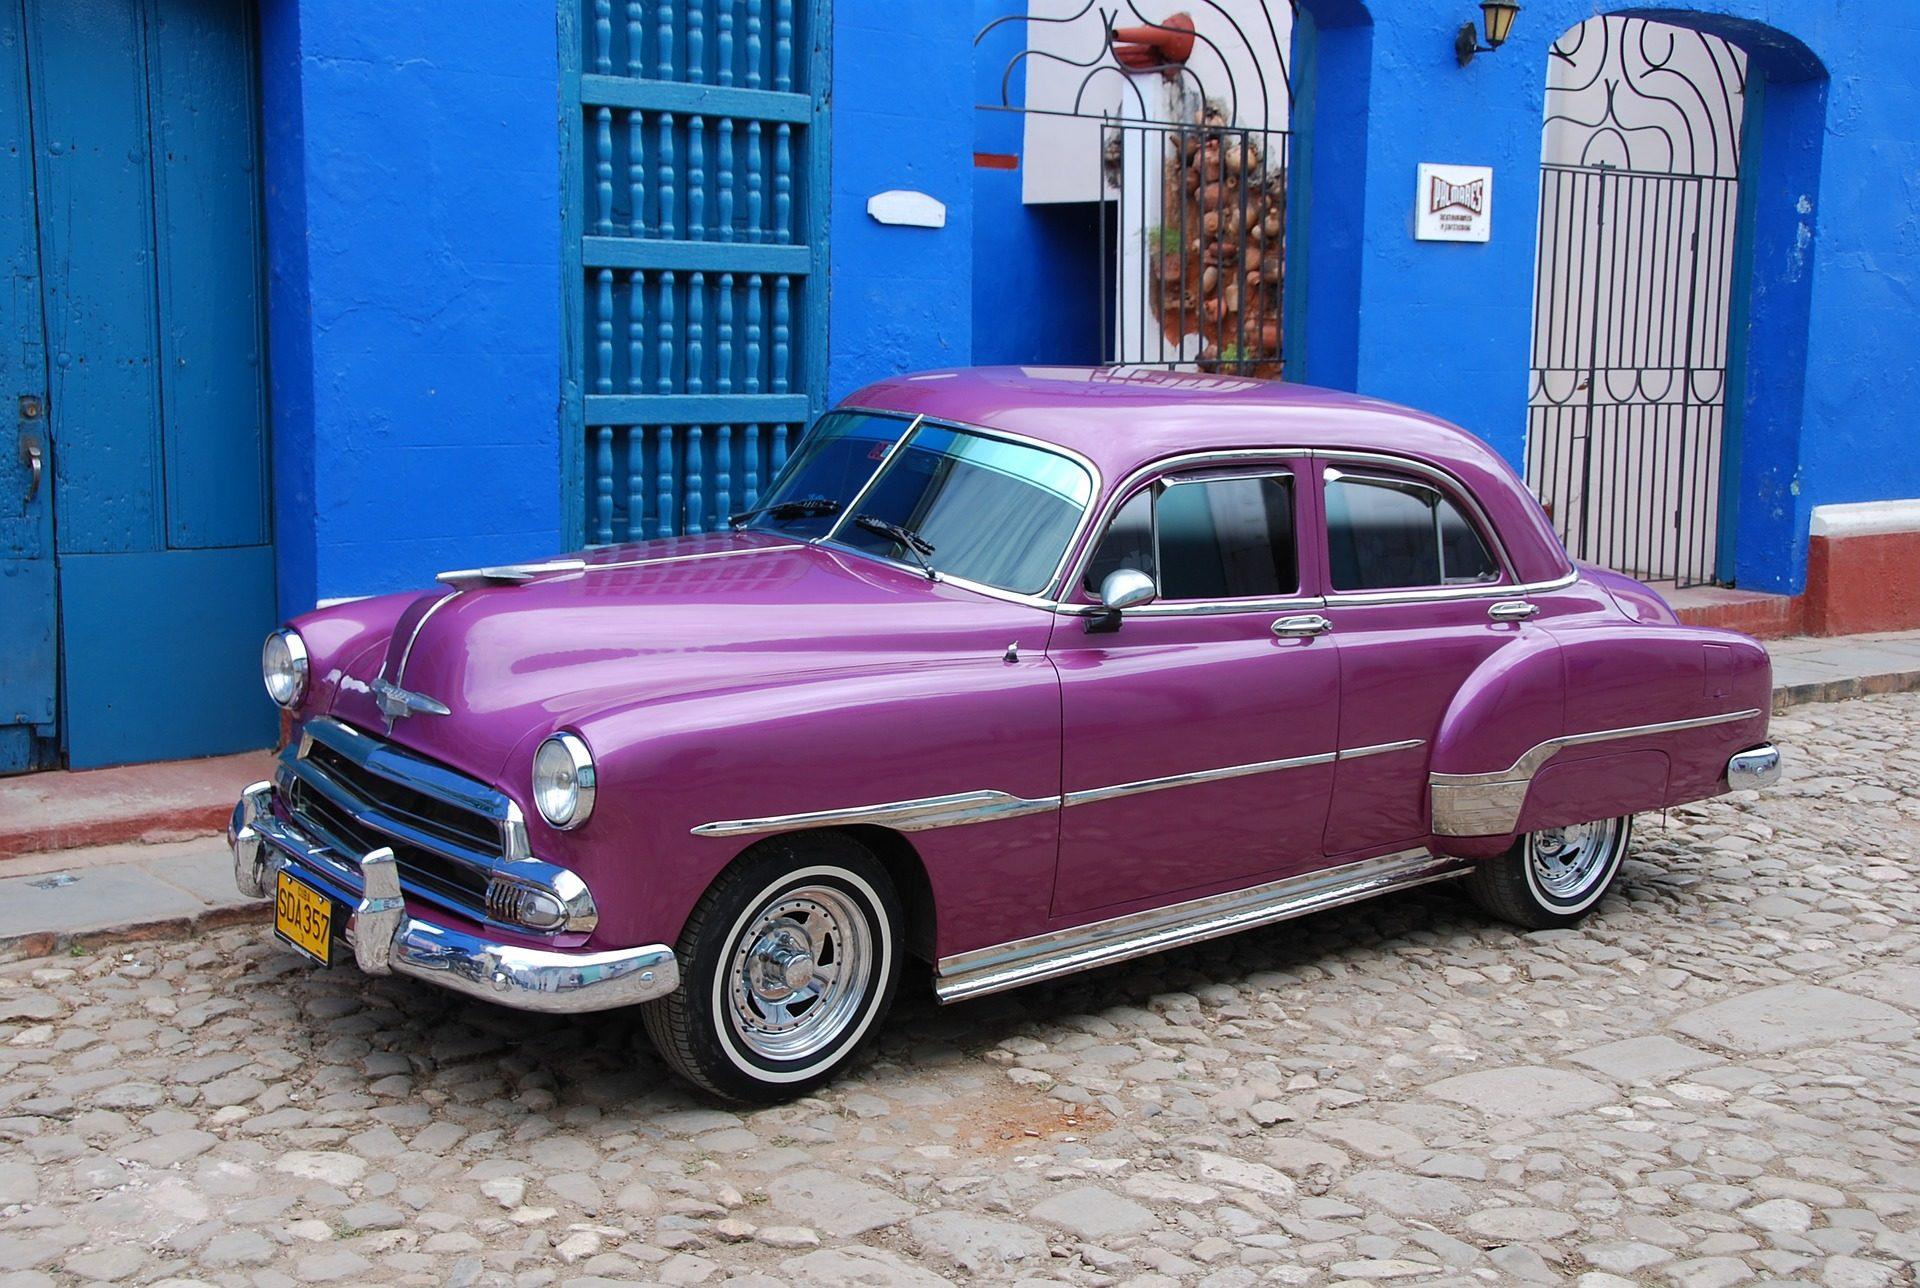 автомобиль, Старый, Винтаж, Фиолетовый, Гавана, Куба - Обои HD - Профессор falken.com